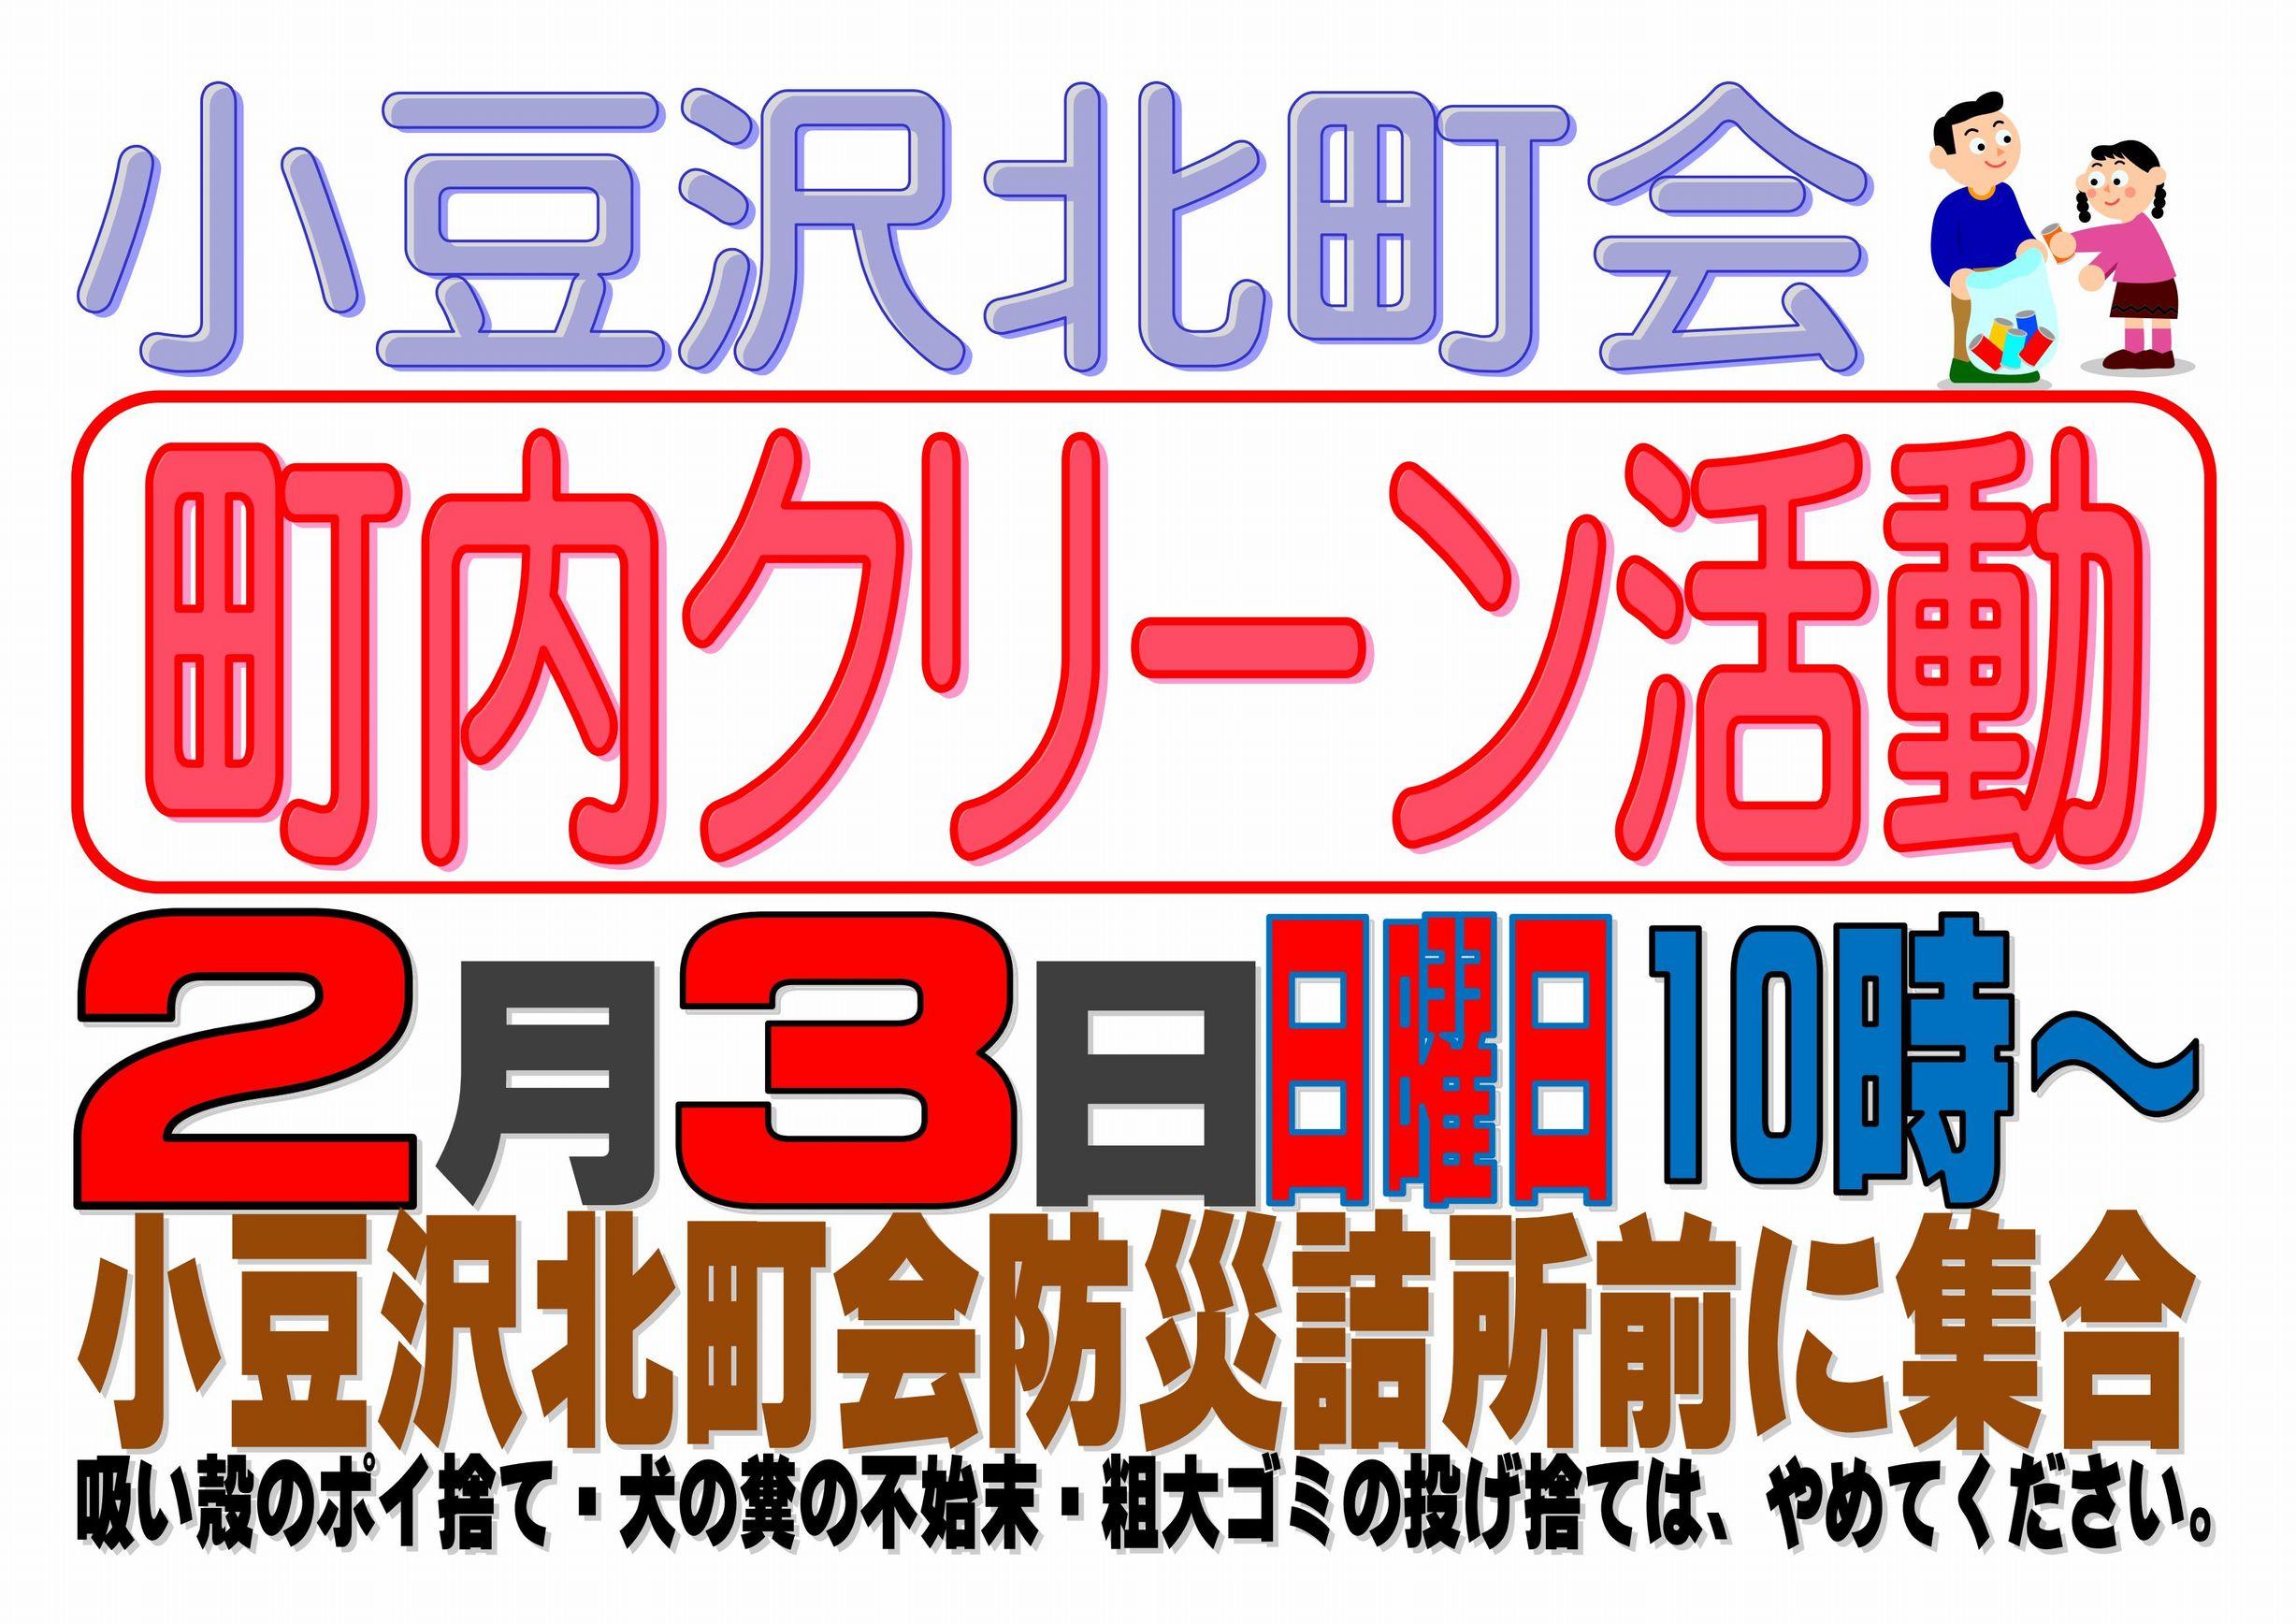 2013-02-01町会クリーン活動